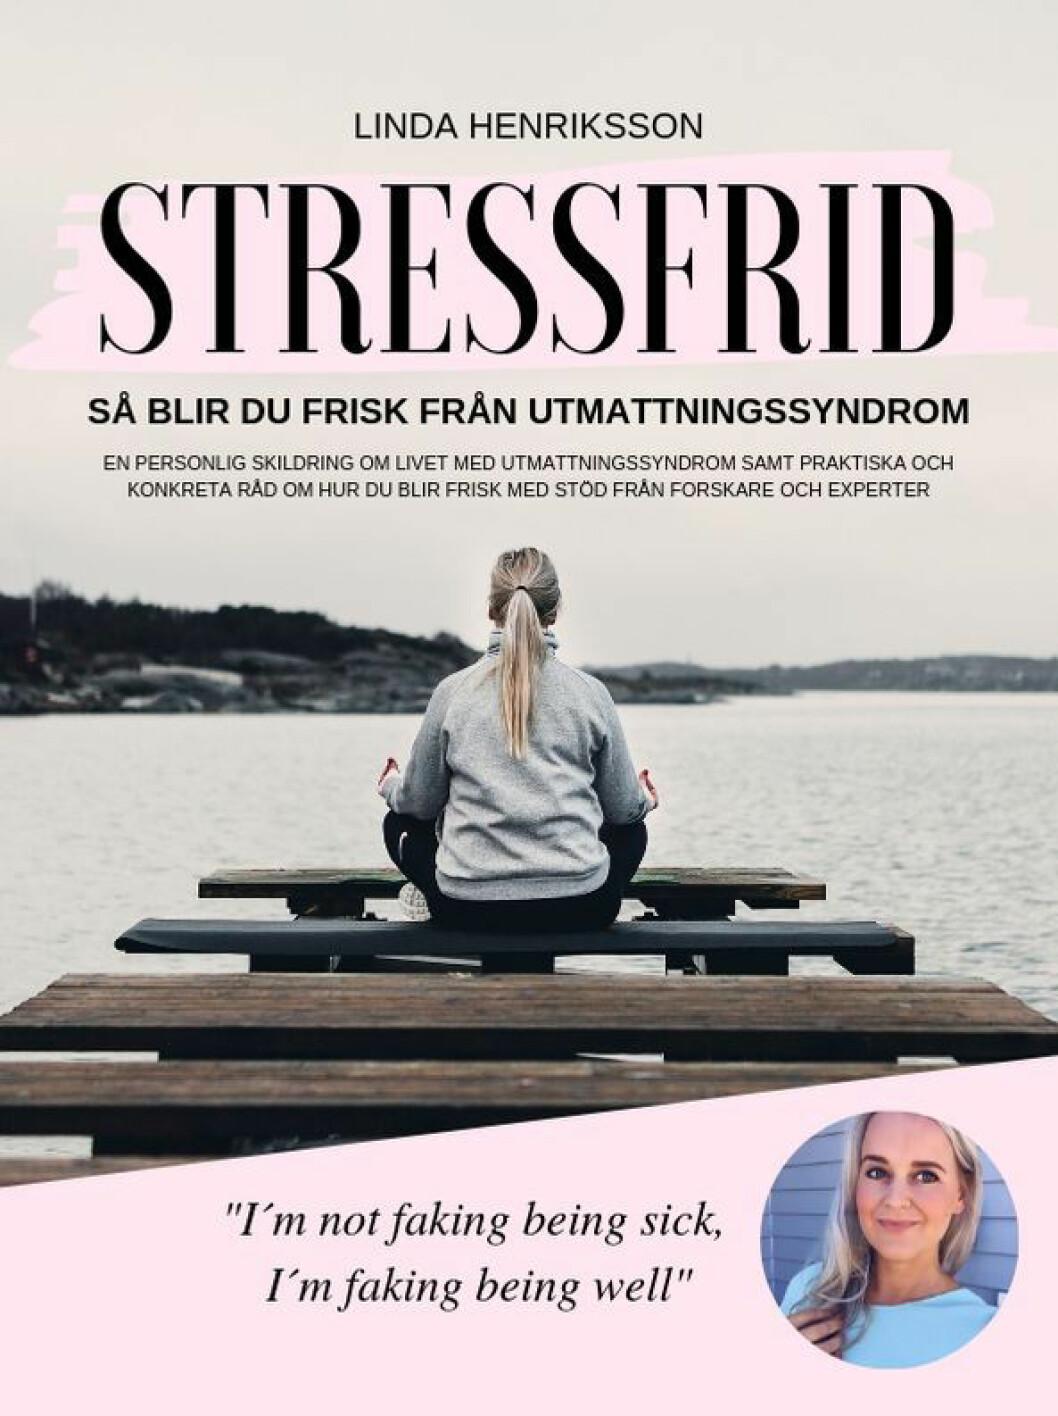 Omslag Stressfrid av Linda Henriksson.